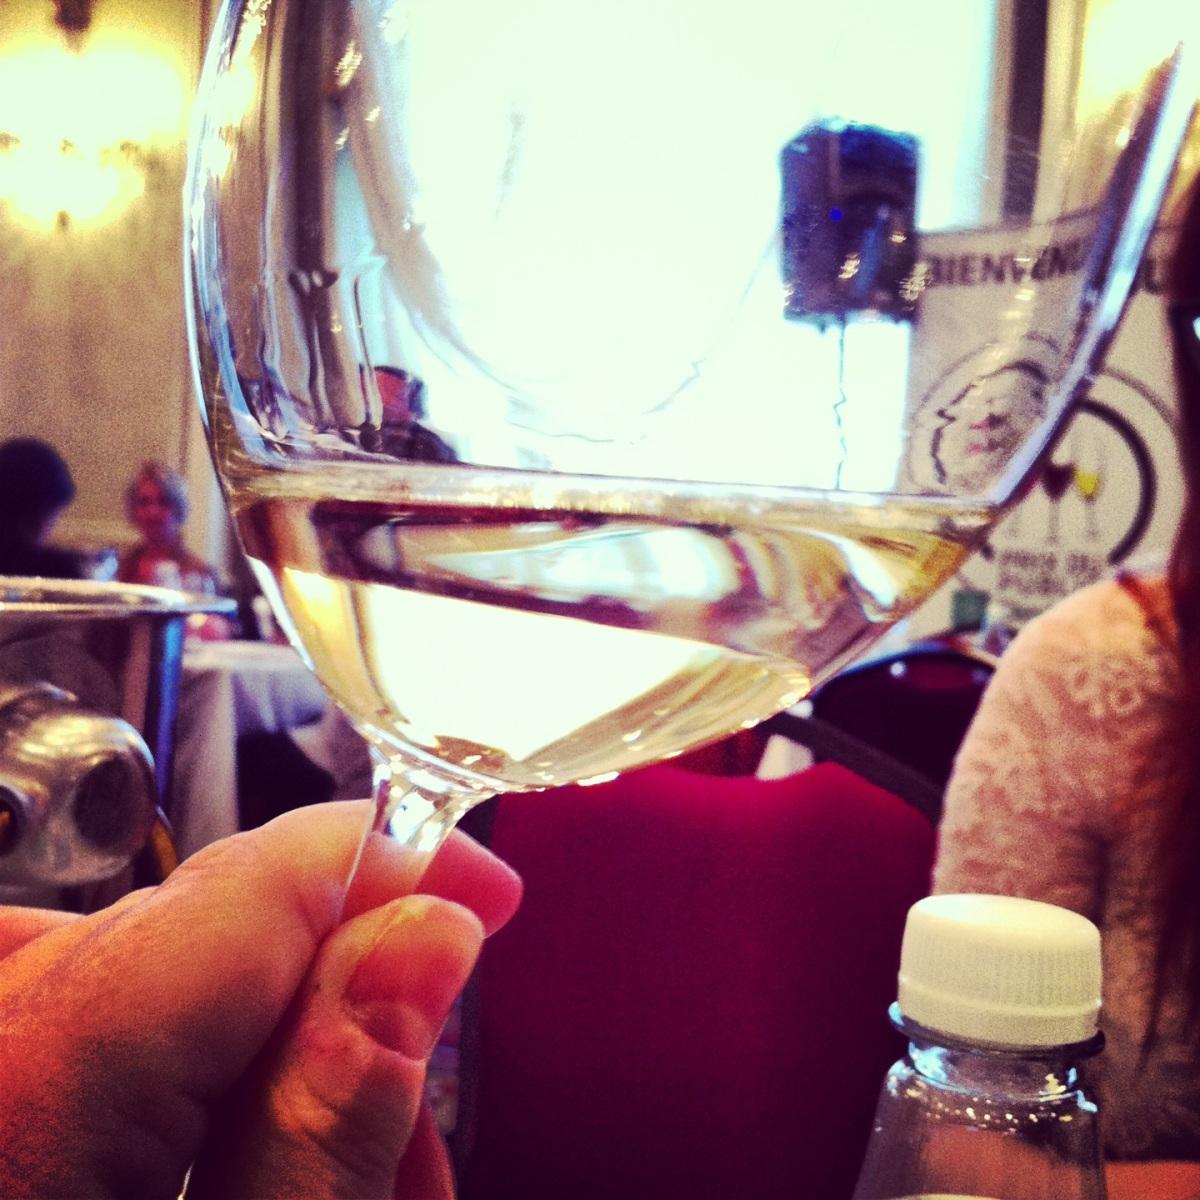 Les vins - pas tous mémorables, mais ça aiguise le jugement...